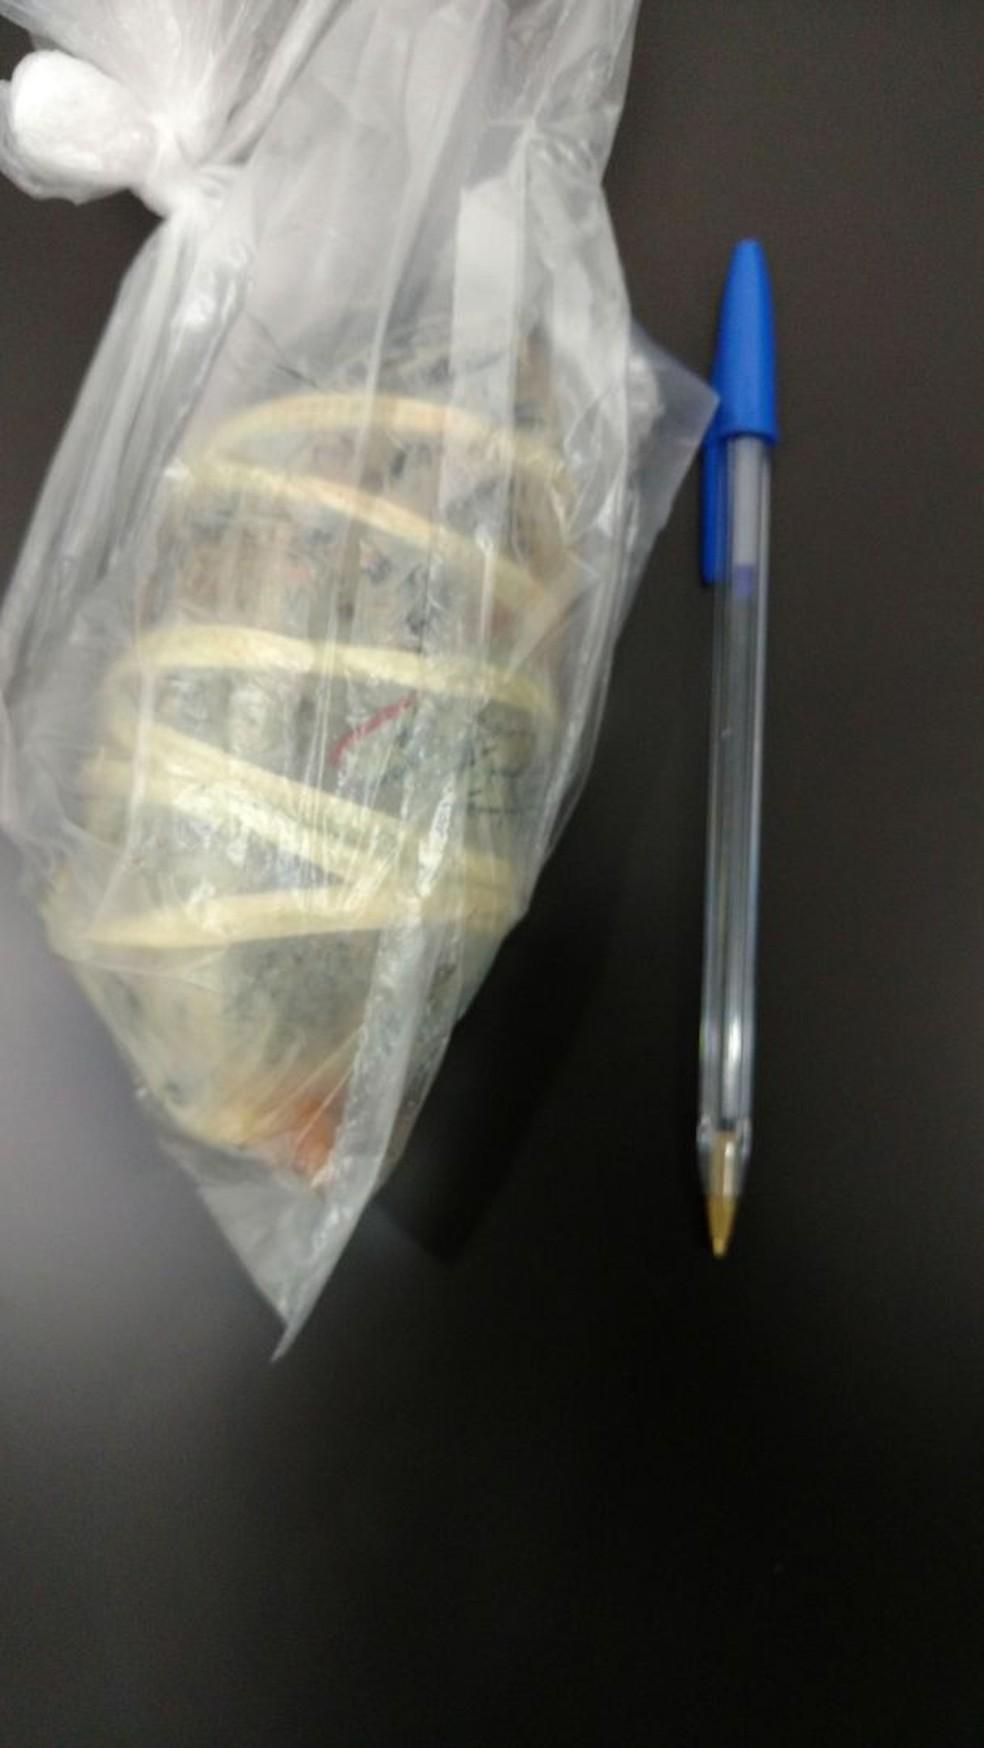 Porção da droga localizada nas partes íntimas da suspeita em MS (Foto: Polícia Civil/Divulgação)